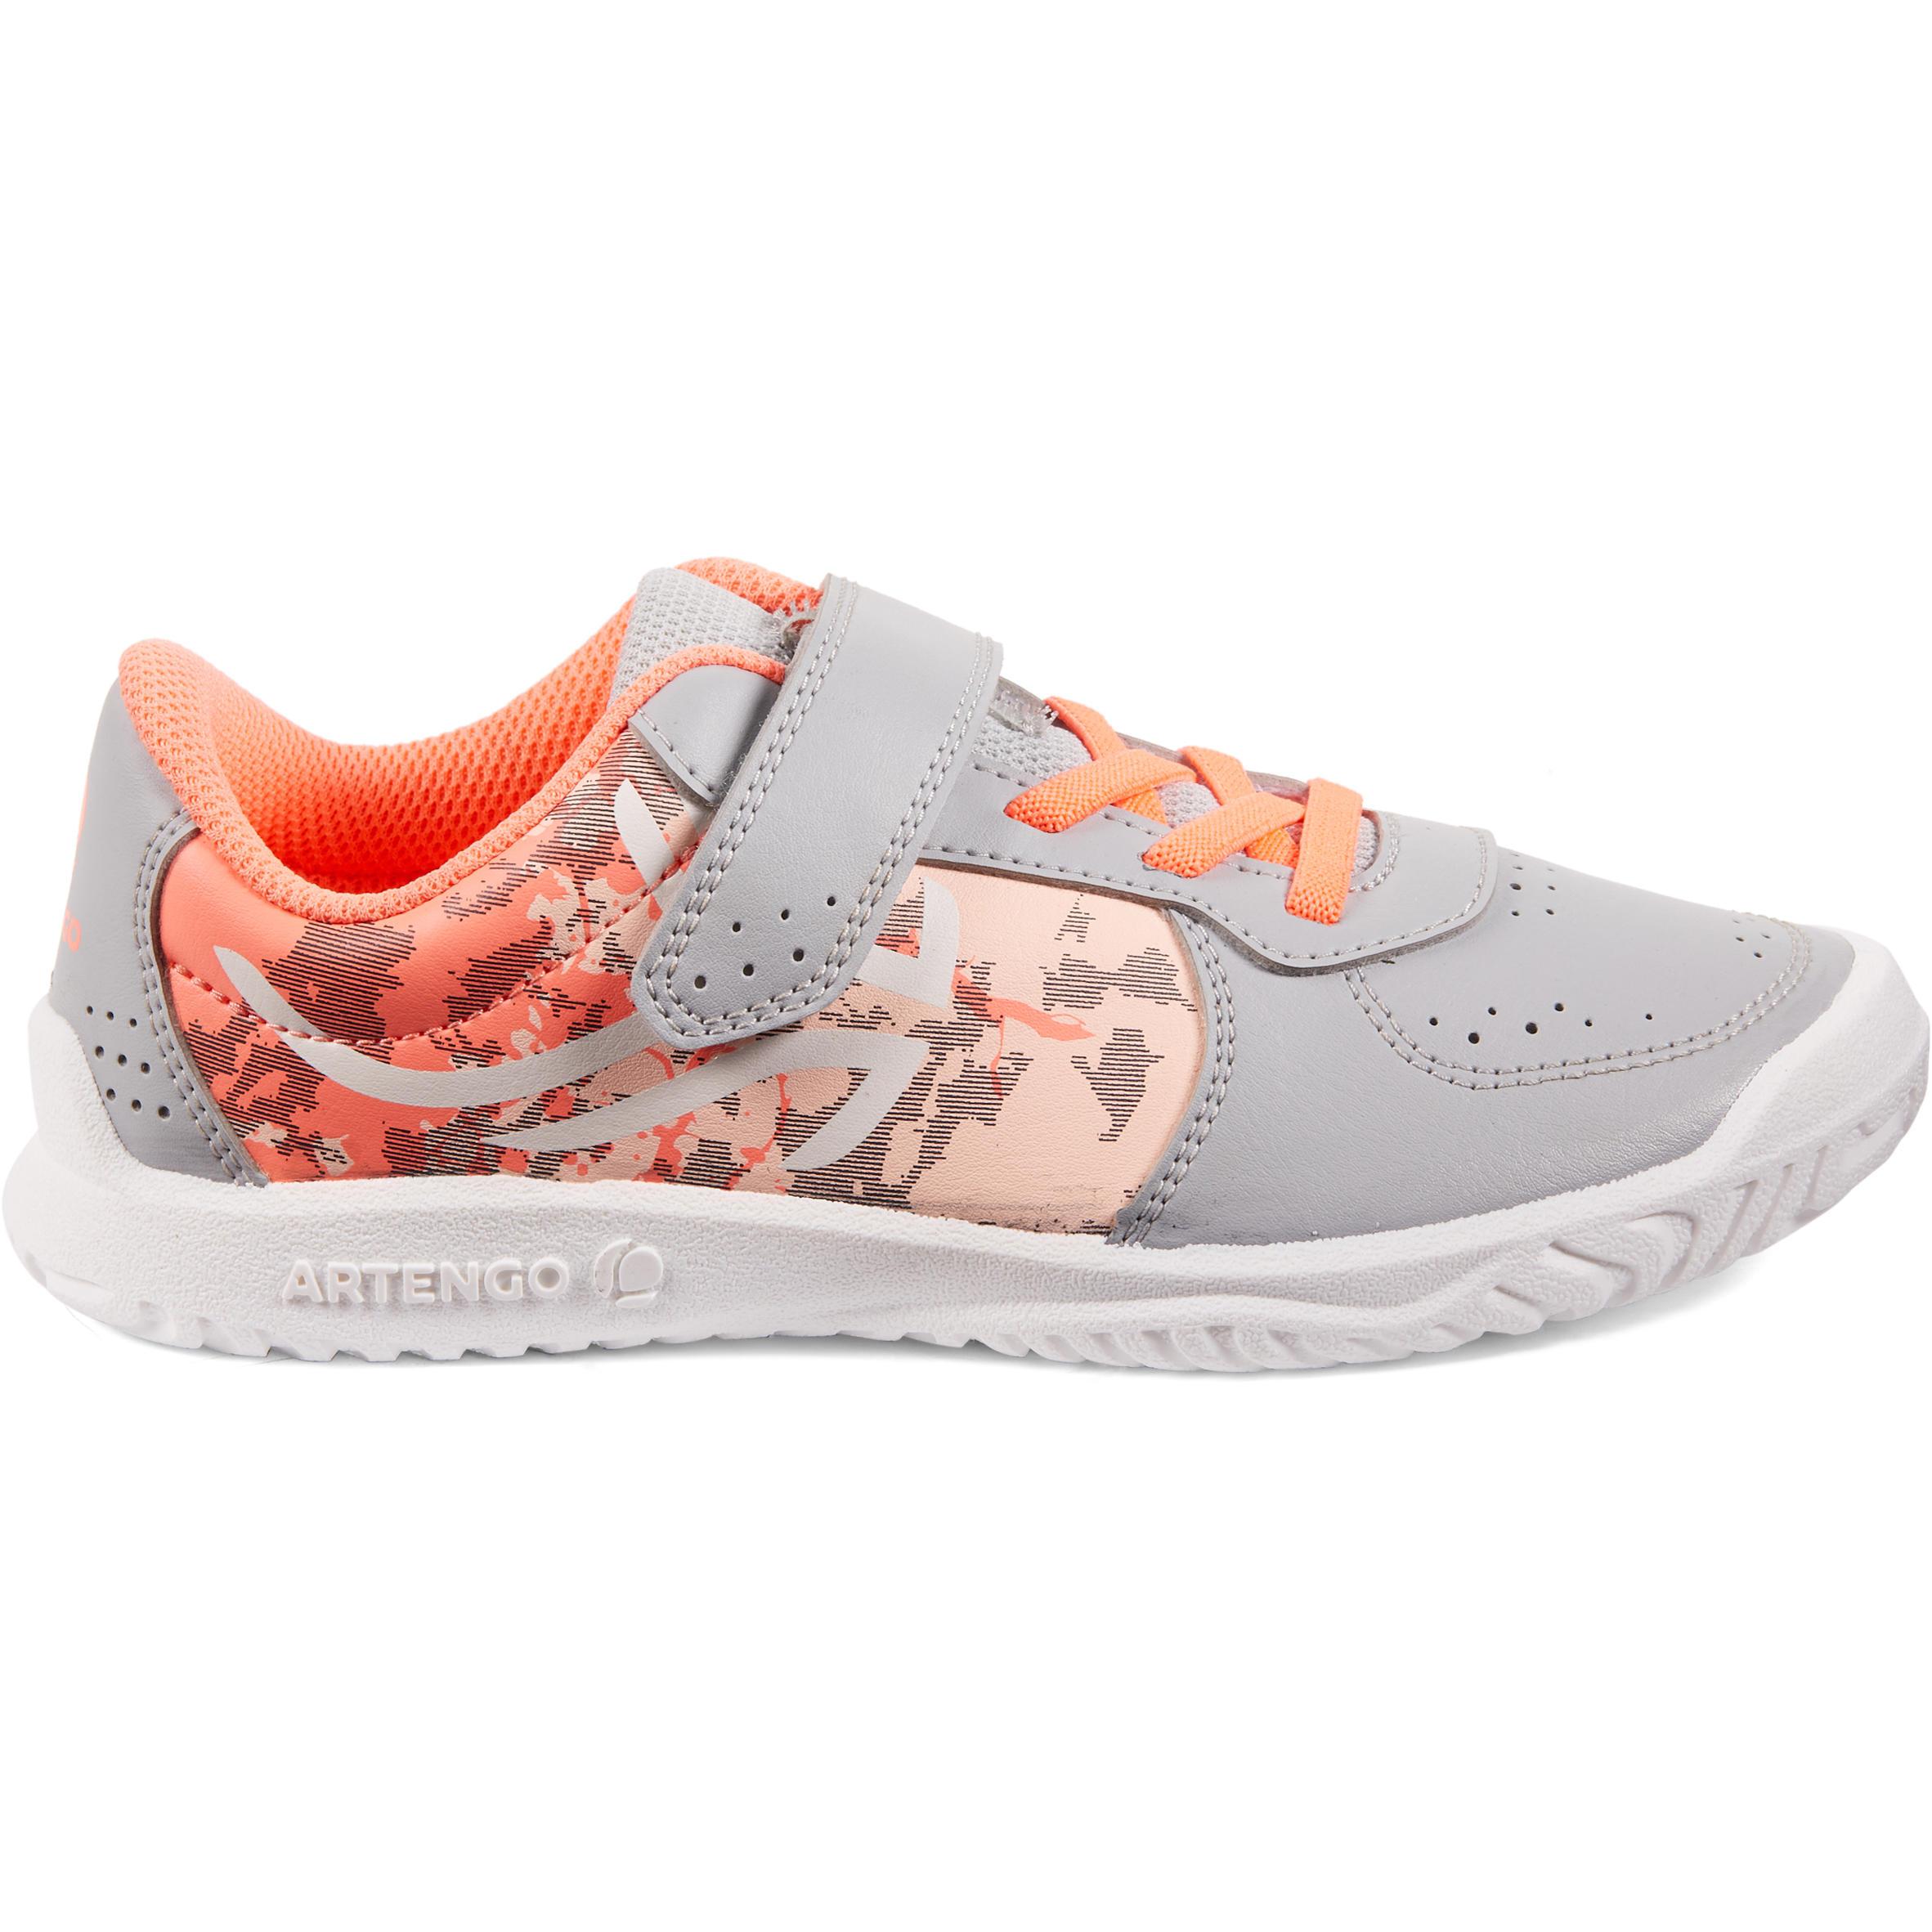 Artengo Tennisschoenen voor meisjes Artengo TS130 Camo